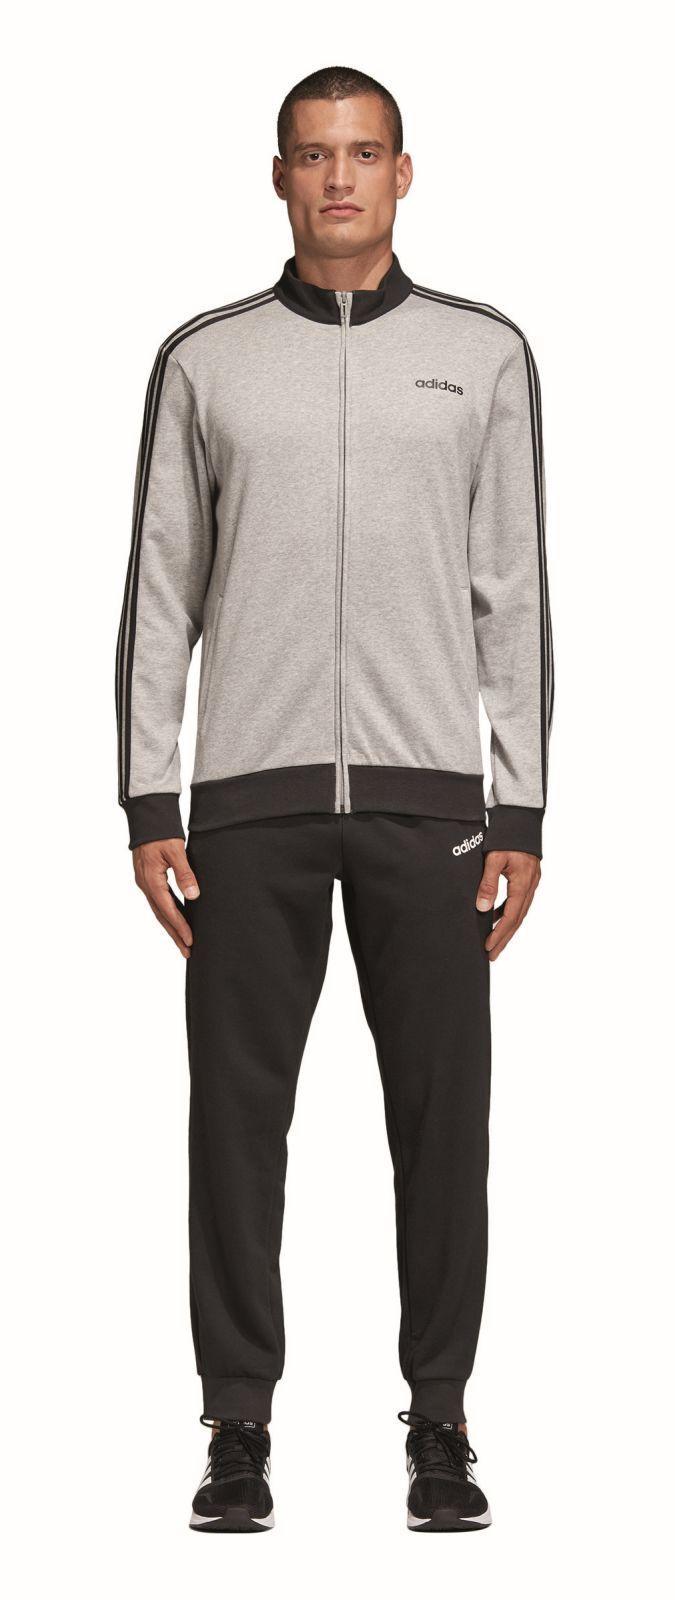 adidas Performance Herren Freizeit Sport Trainingsanzug Cotton Relax Tracksuit 3